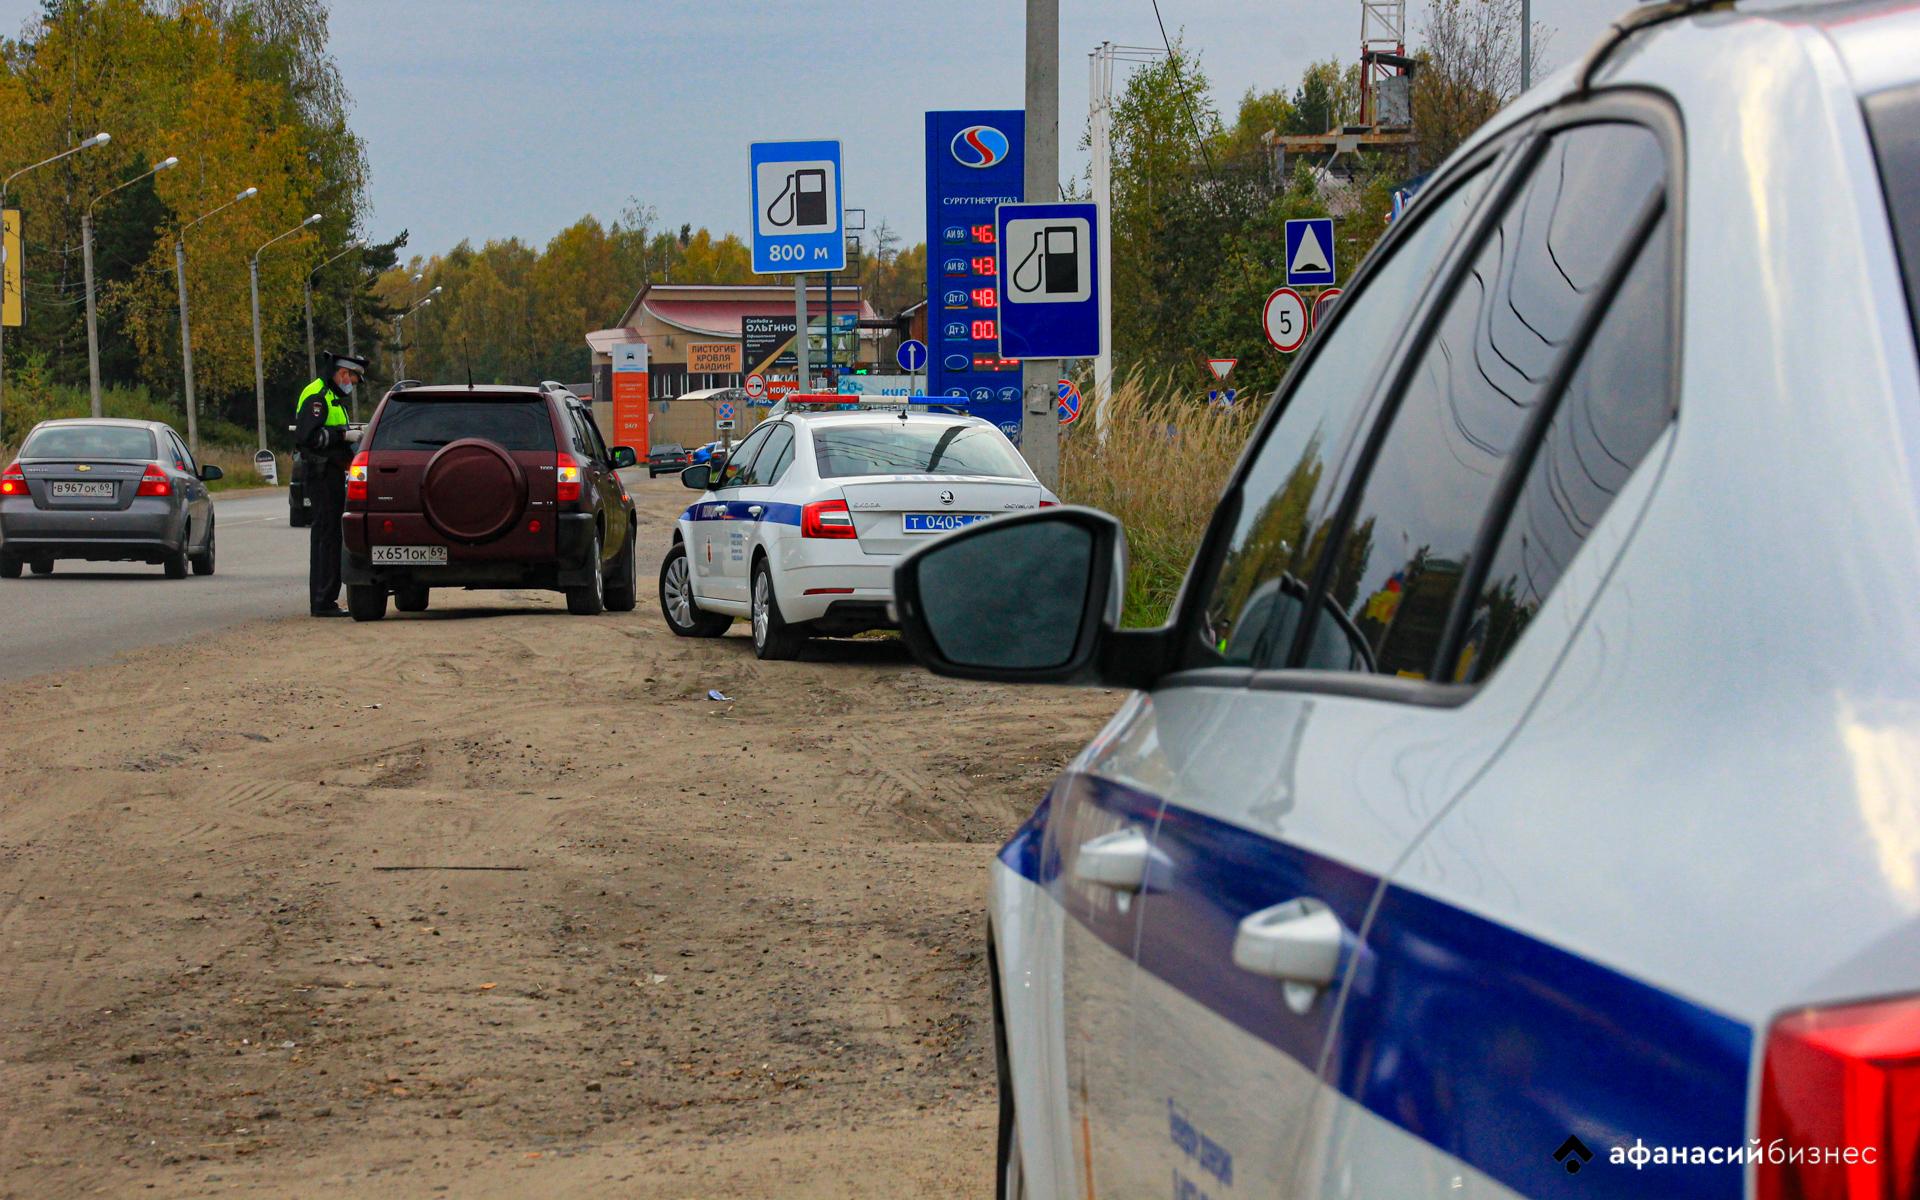 На спуске с «Южного моста» в Твери водитель сбил пешехода и скрылся, ведется розыск очевидцев ДТП - новости Афанасий